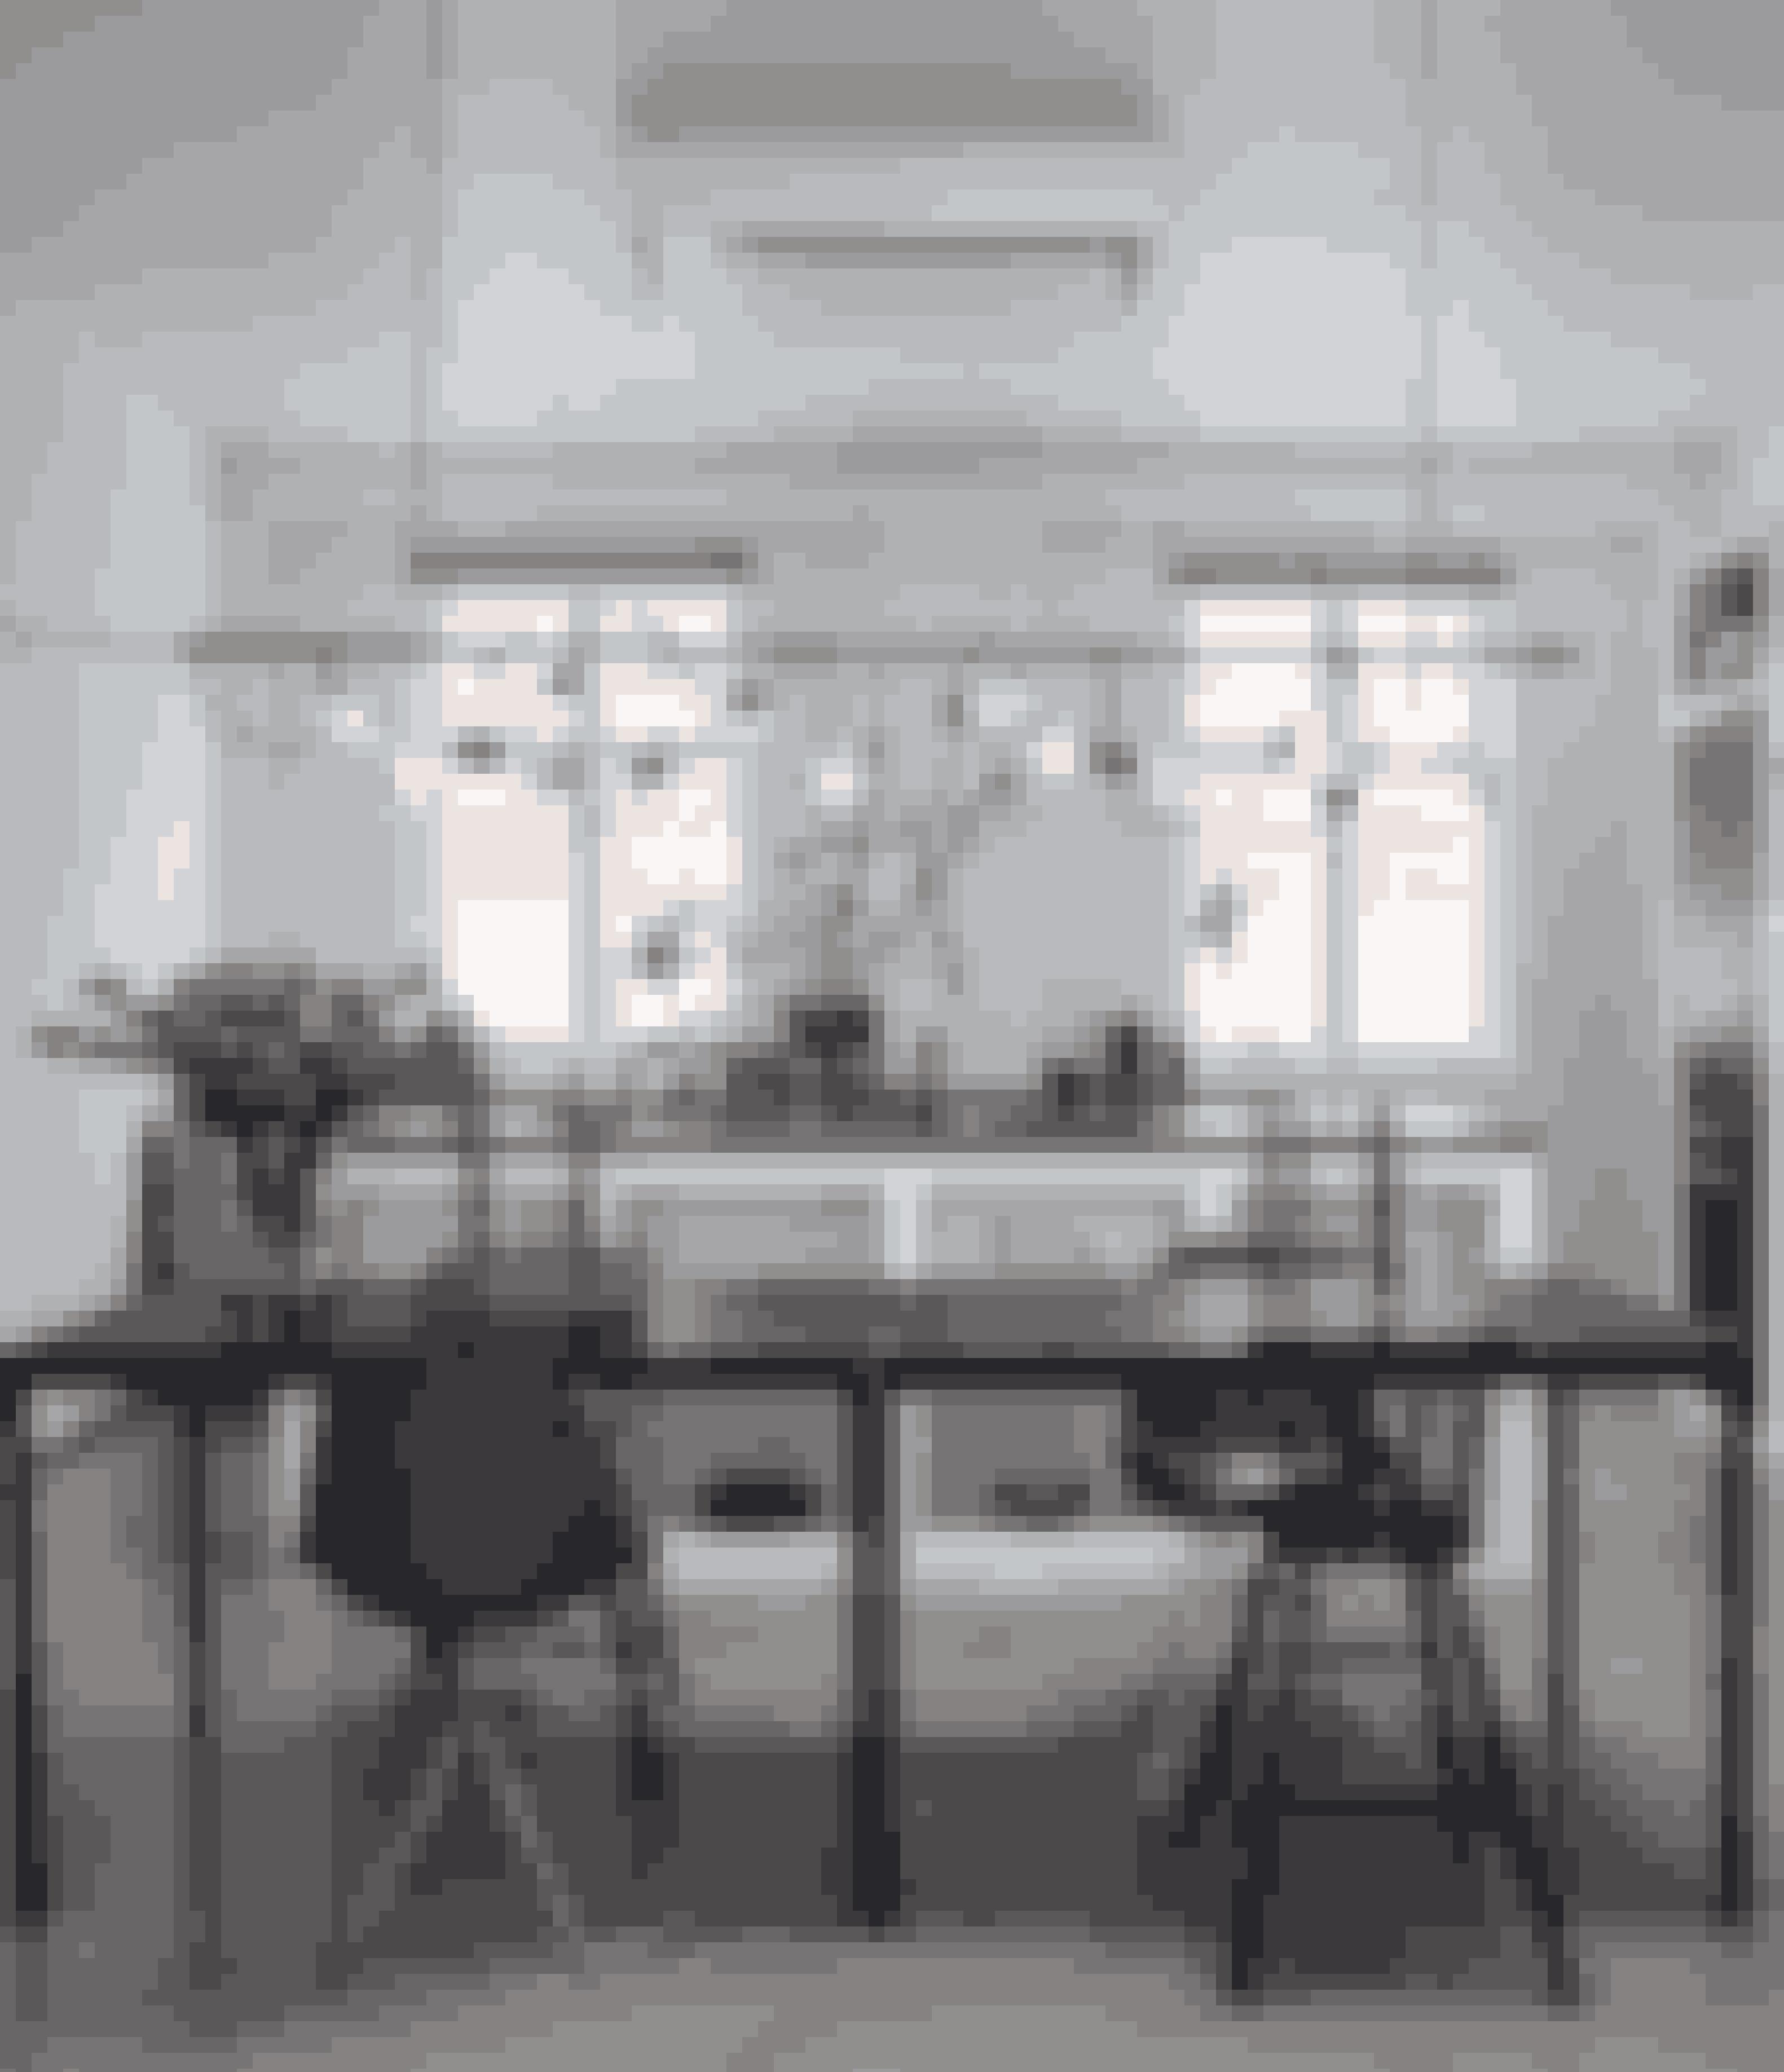 Få og store stjerner i rå naturlige materialer er sammen med kogler hængt op i den gardinstang, der til hverdag fungerer som lys over spisebordet. Familien har ikke fundet det helt rigtige spisebord endnu, så foreløbig bruger de to lette borde fra Ikea. De passer godt til det åbne køkkens hvide gasbetonelementer, stålskabet fra Fil de Fer, det grå betongulv og de sorte Eames-stole.